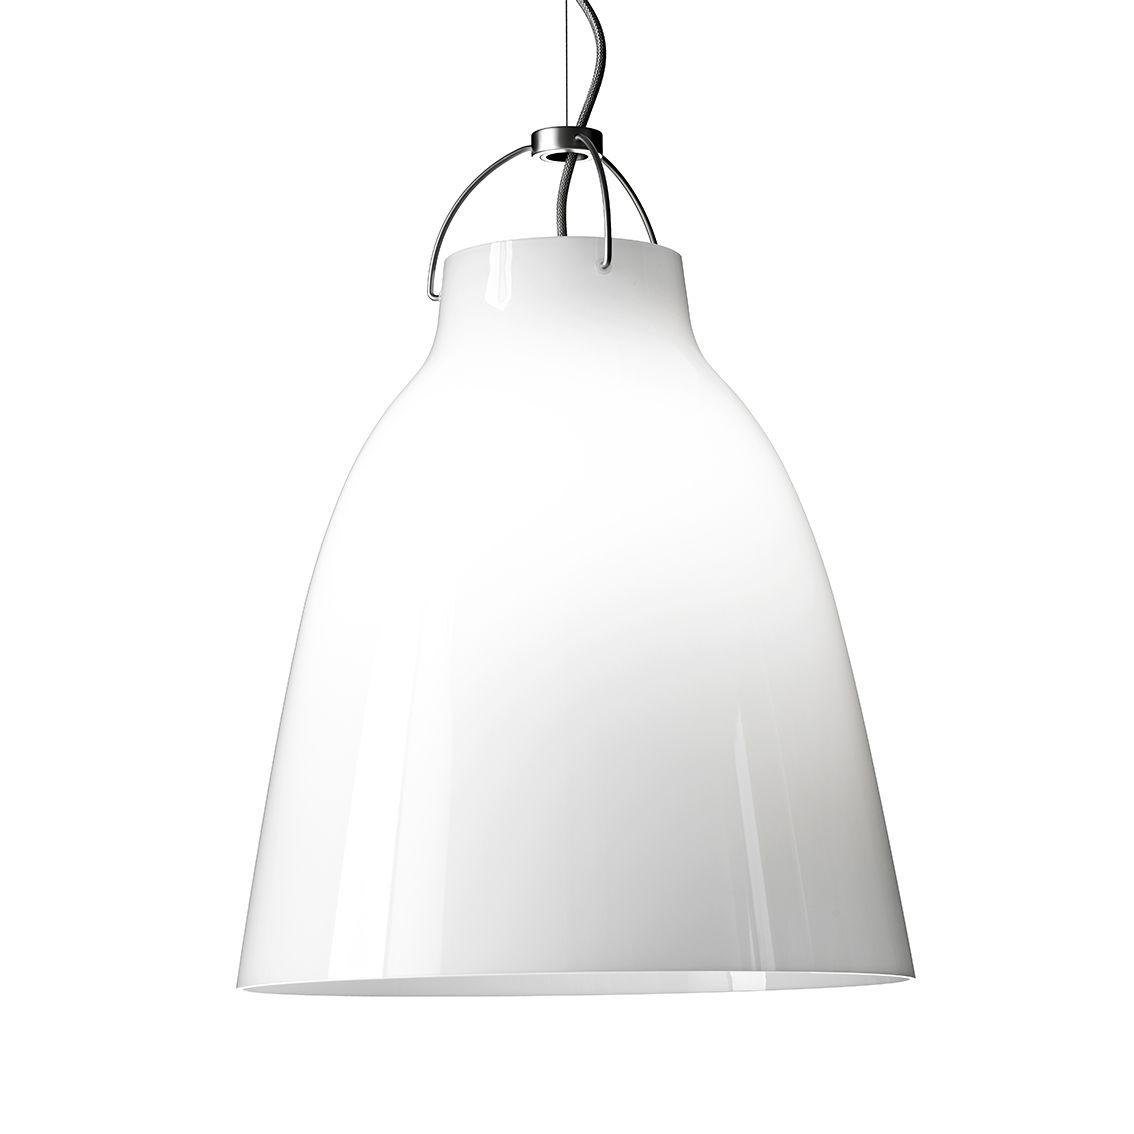 Caravaggio hanglamp Lightyears Ø40 opaal